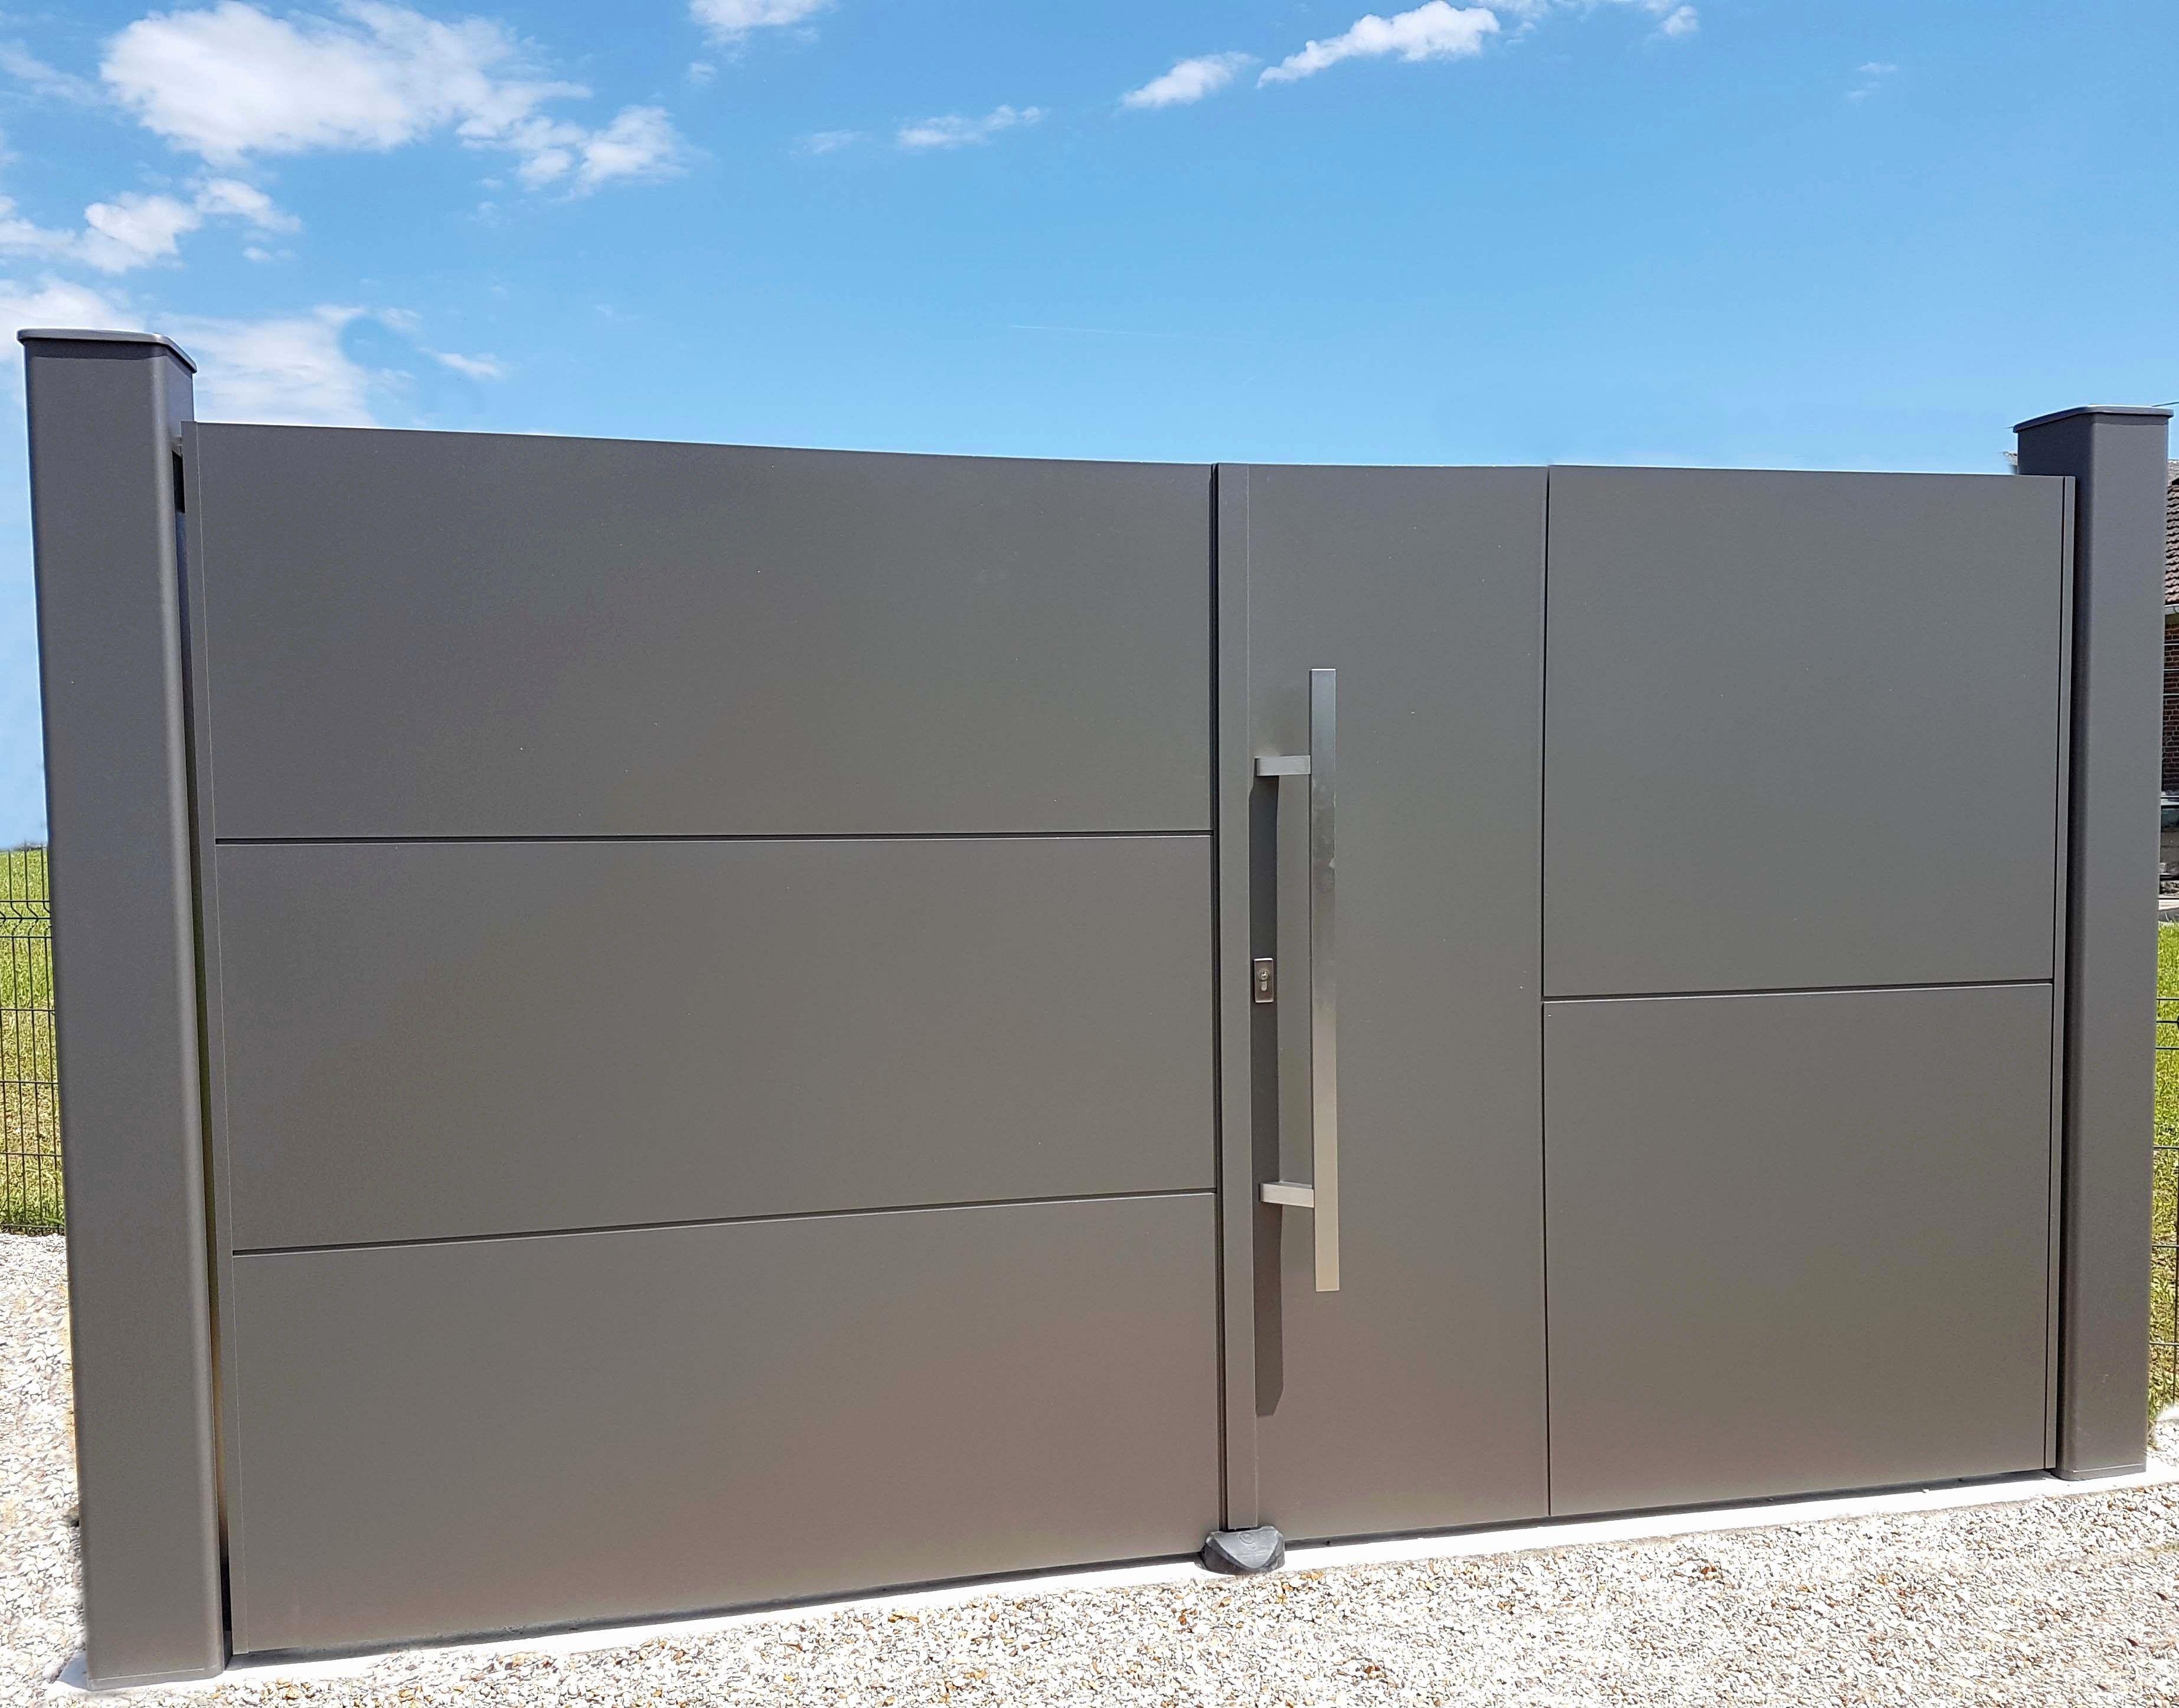 Luxury Portillon Sur Mesure Castorama Main Gate Design House Gate Design Door Gate Design